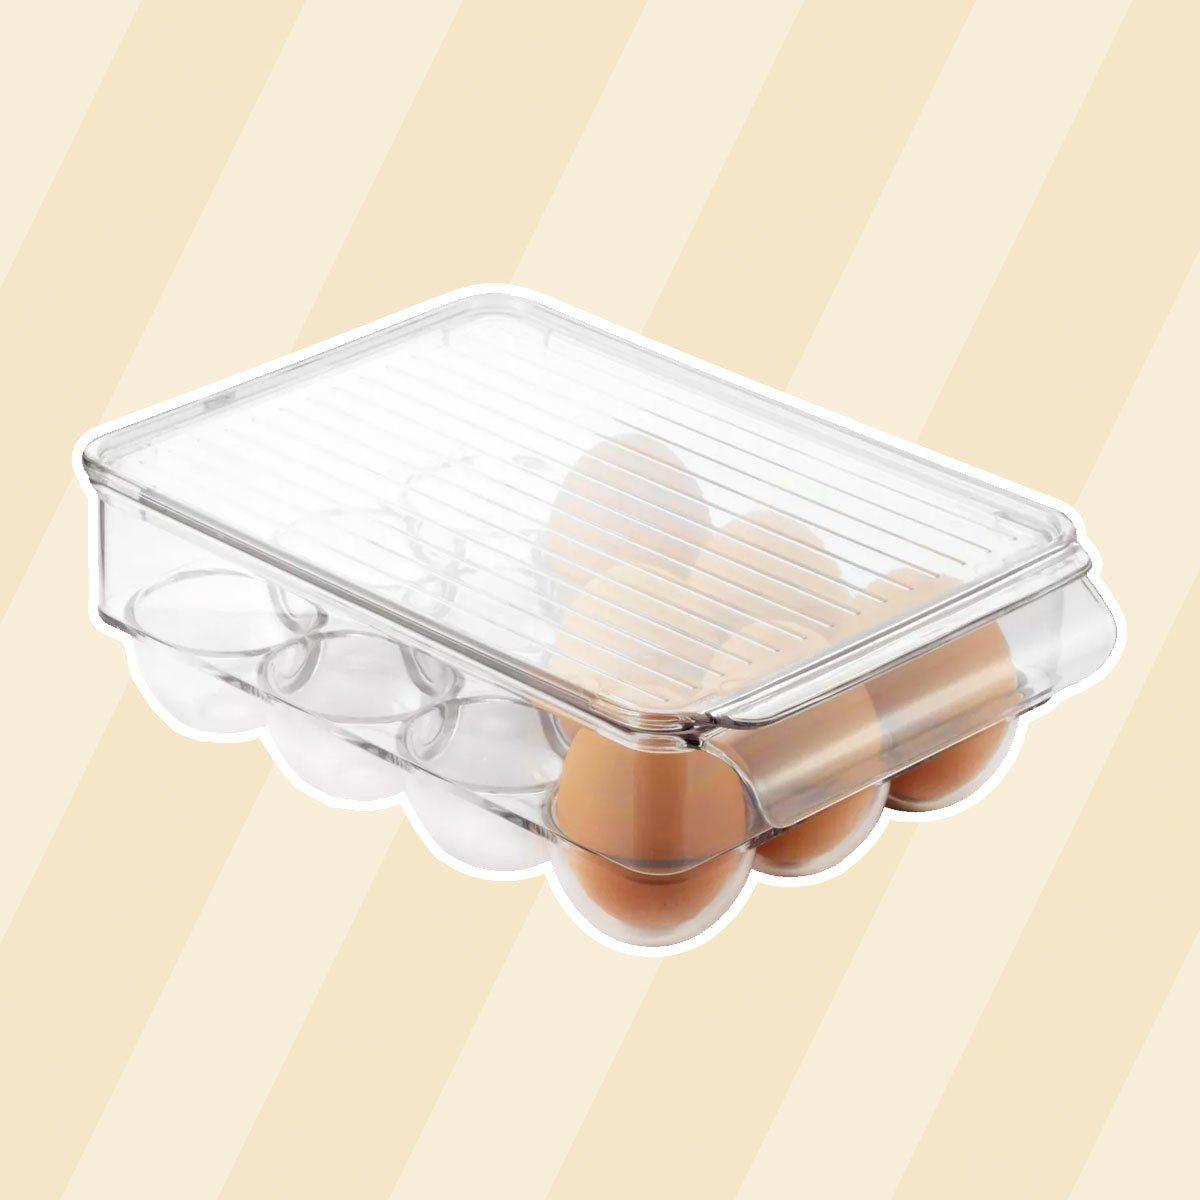 InterDesign Fridge Binz 12-Egg Holder with Lid